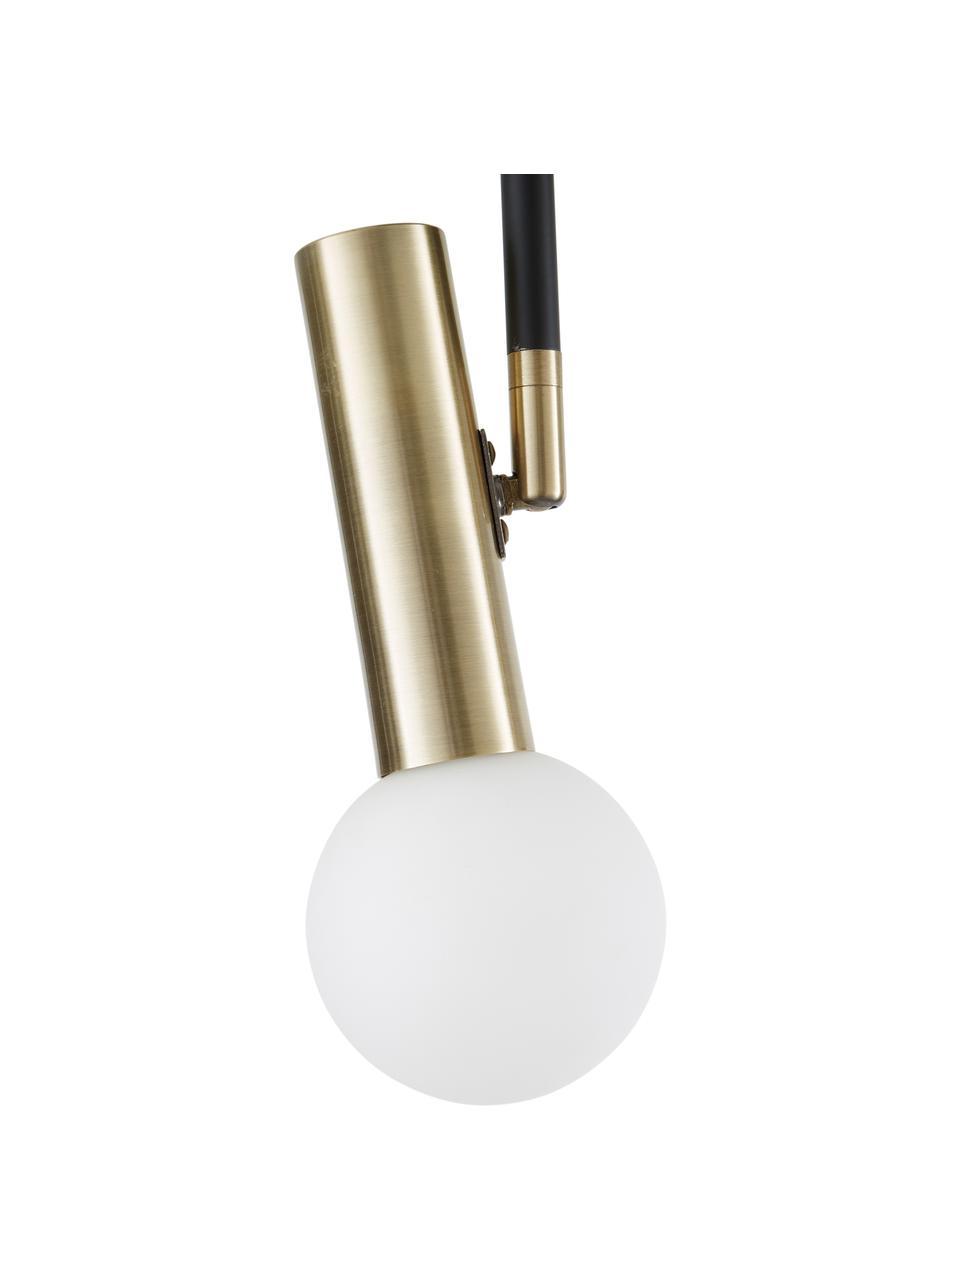 Deckenleuchte Wilson in Schwarz-Gold, Baldachin: Metall, pulverbeschichtet, Baldachin: Schwarz, mattFassungen: MessingfarbenLampenschirme: Weiß, 65 x 31 cm